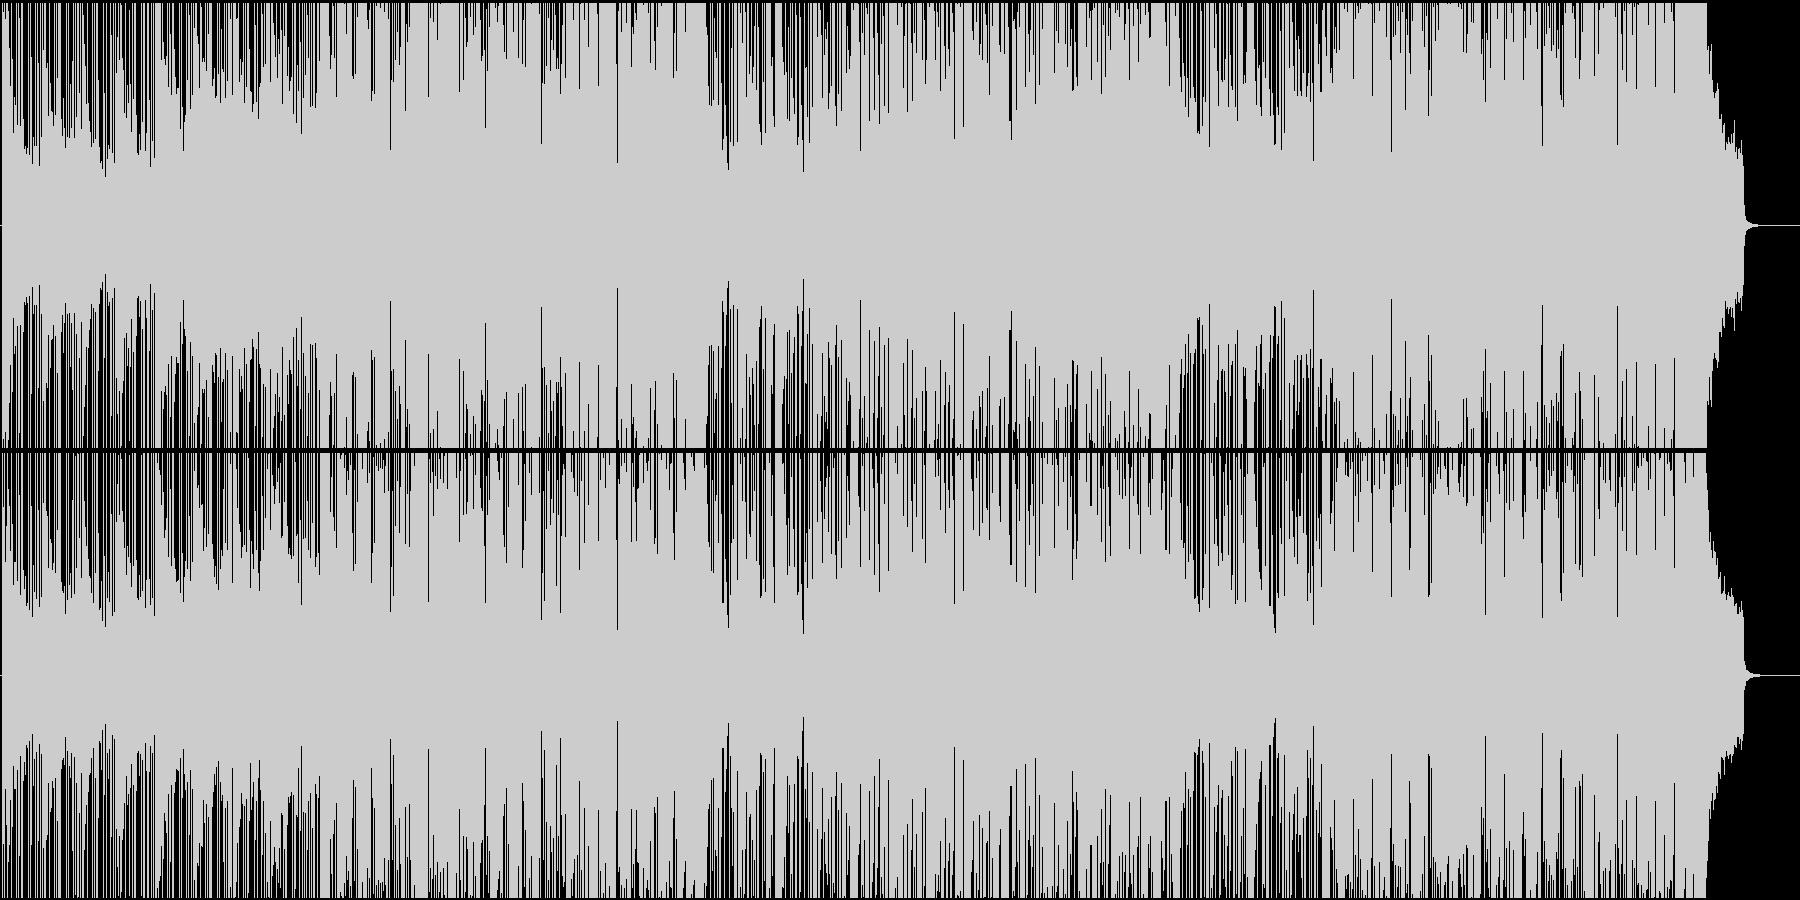 ニュース、ナレーション用活動的なBGMの未再生の波形